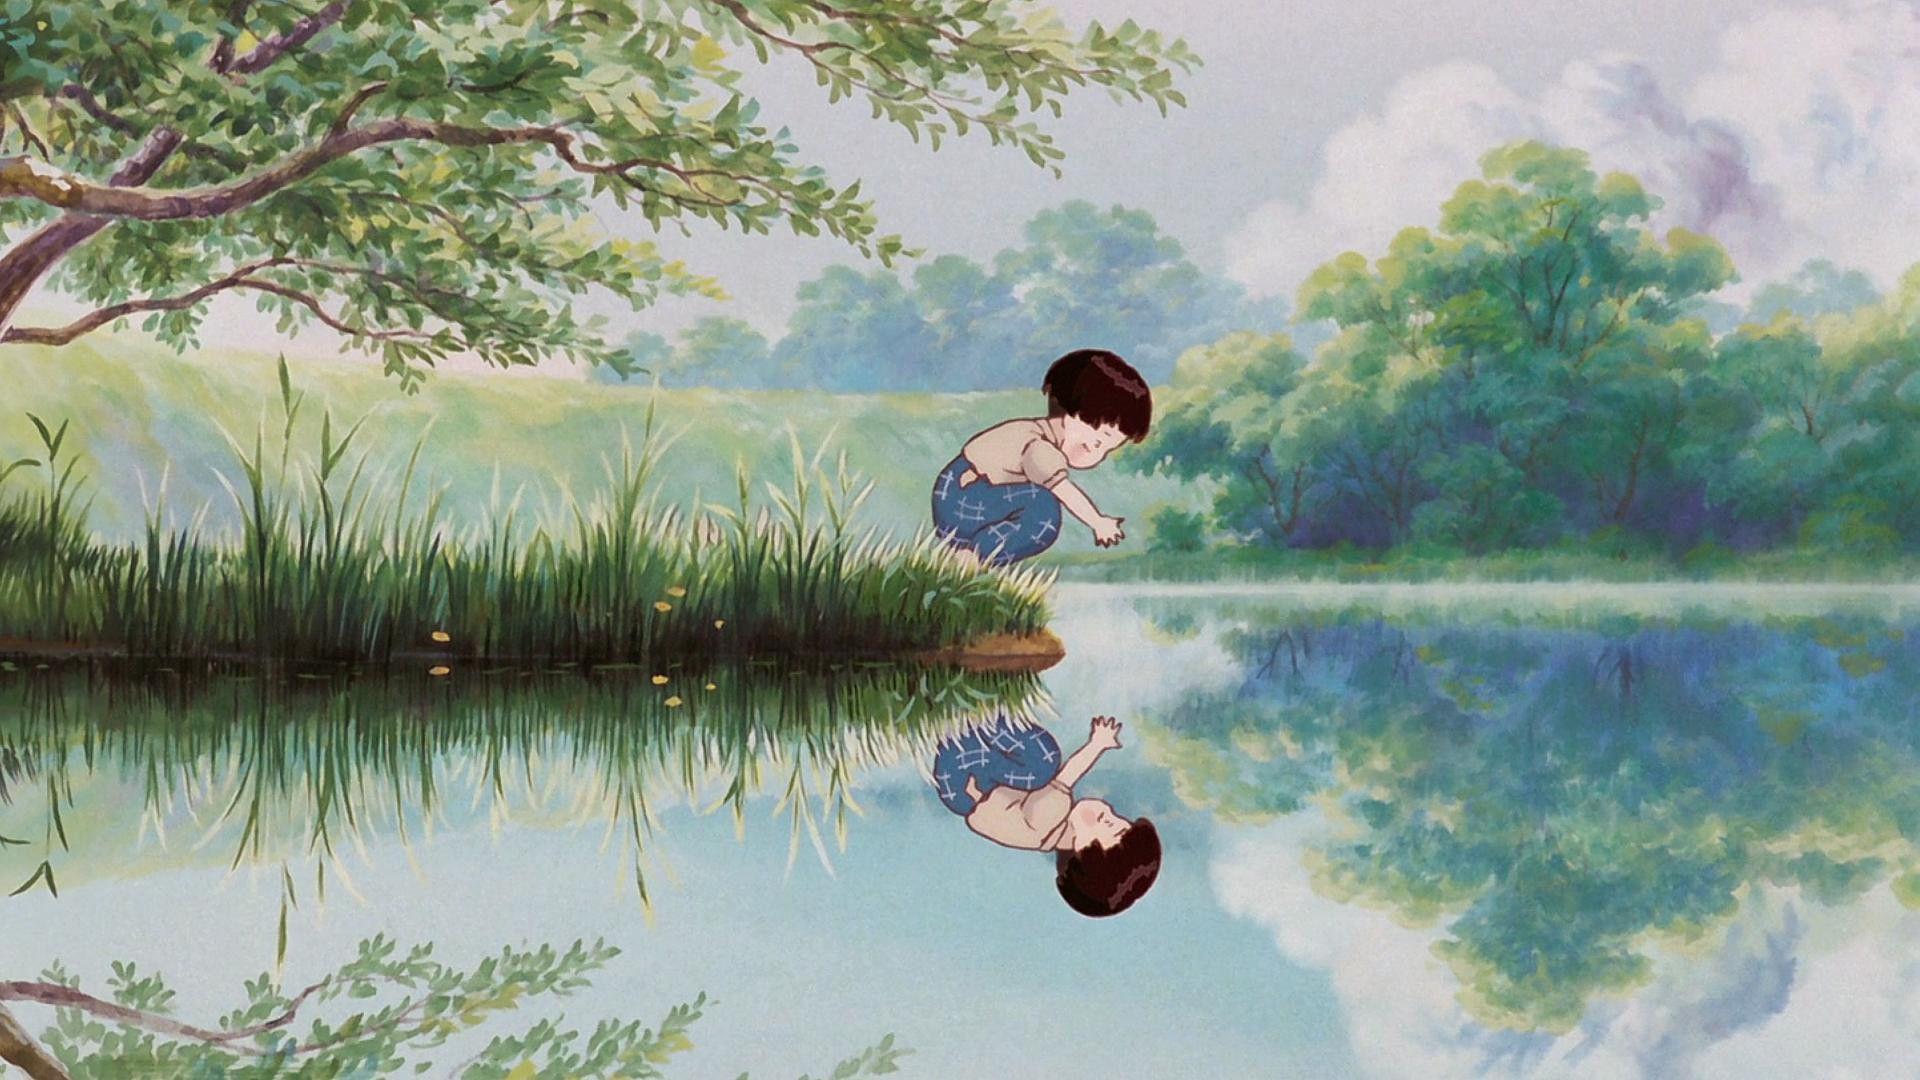 Studio Ghibli Wallpapers 1920x1080 - Imgur | Anime | Studio ghibli, Studio ghibli background e ...